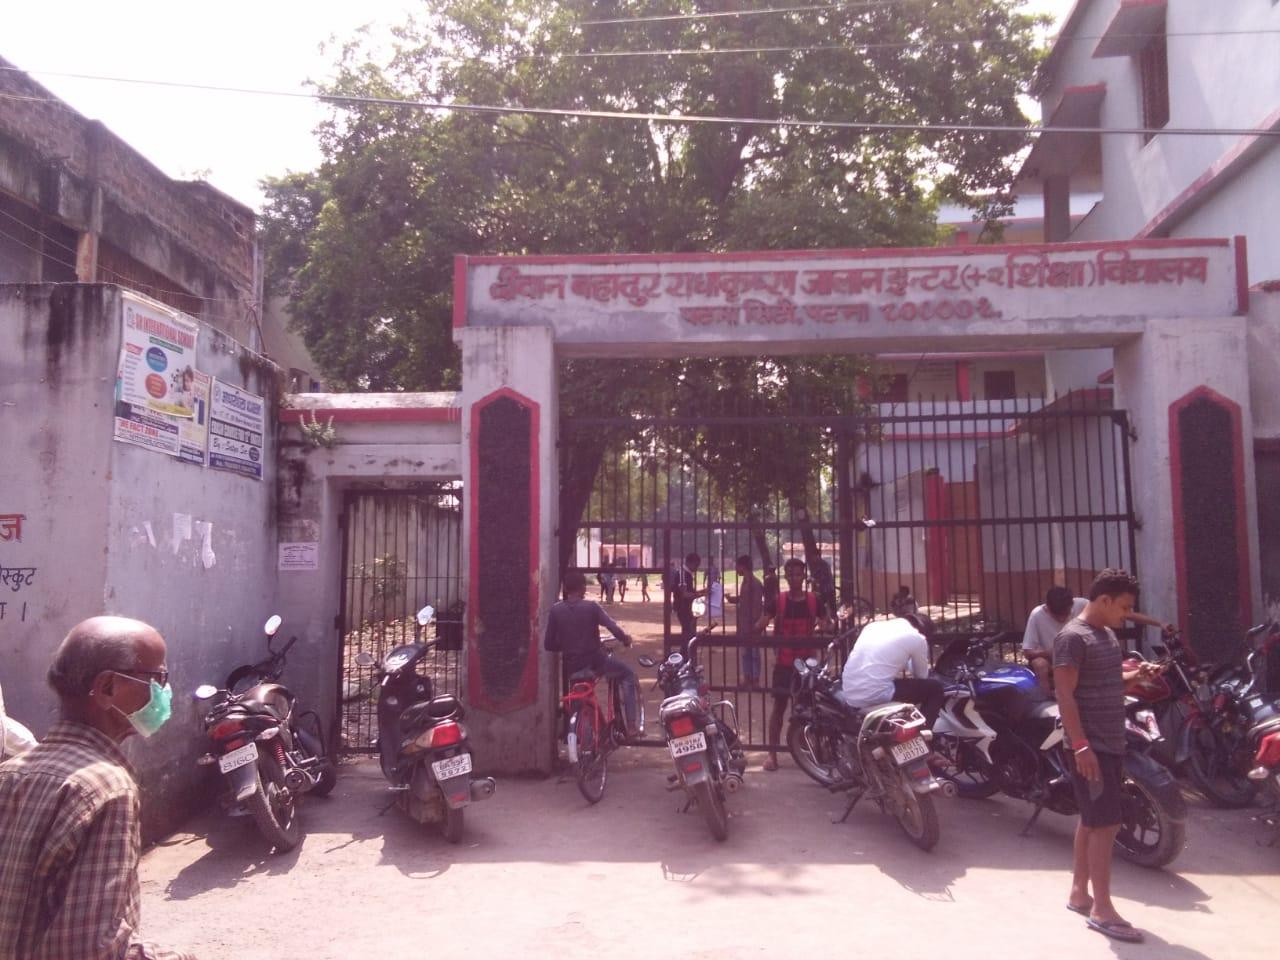 पटना सिटी स्थित इसी दीवान बहादुर राधा कृष्ण जालान हाई स्कूल के शिक्षक हैं कामता प्रसाद सिन्हा।